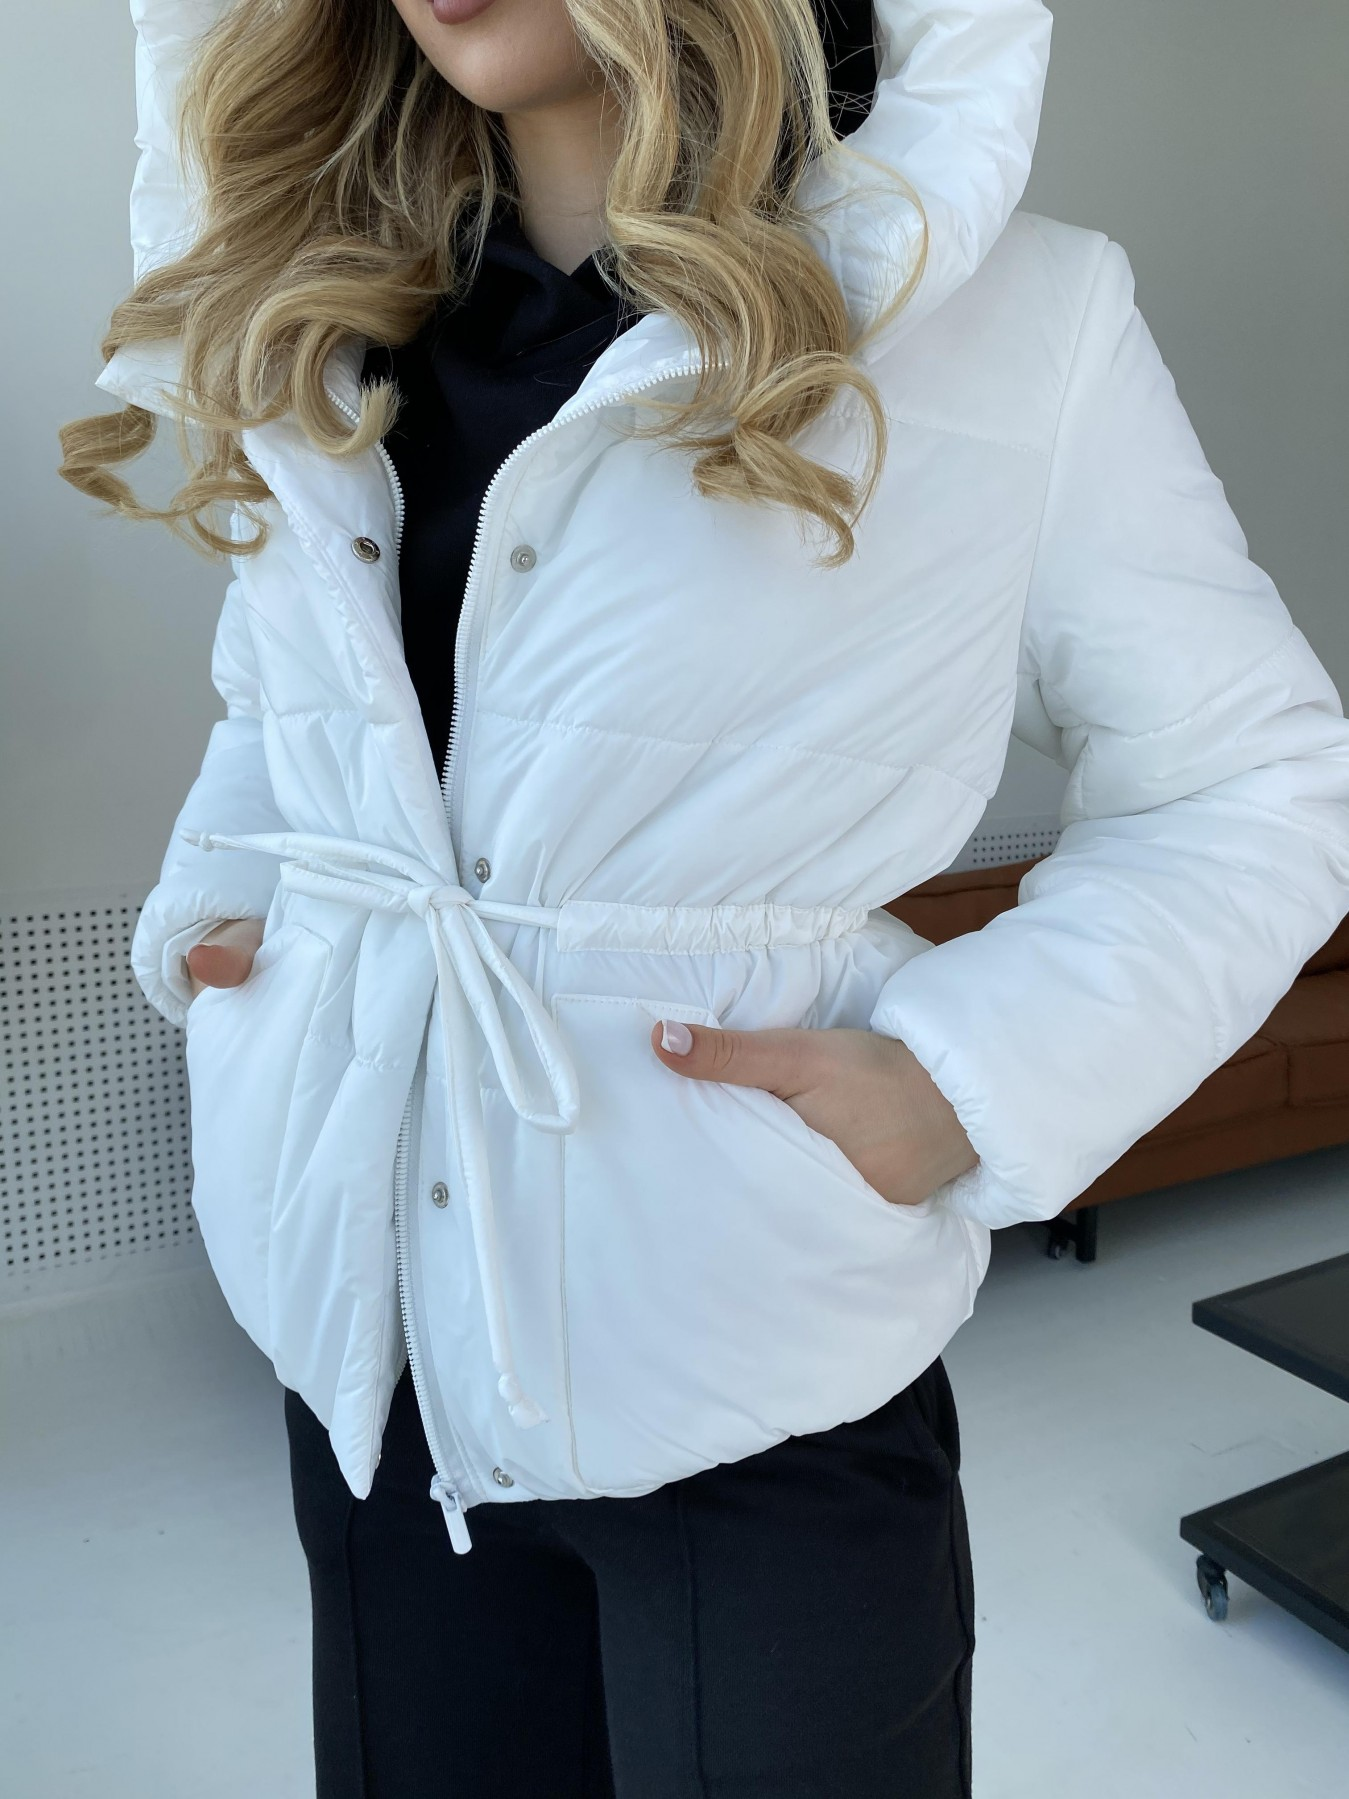 Пино куртка из плащевой ткани 10489 АРТ. 47297 Цвет: Белый - фото 2, интернет магазин tm-modus.ru